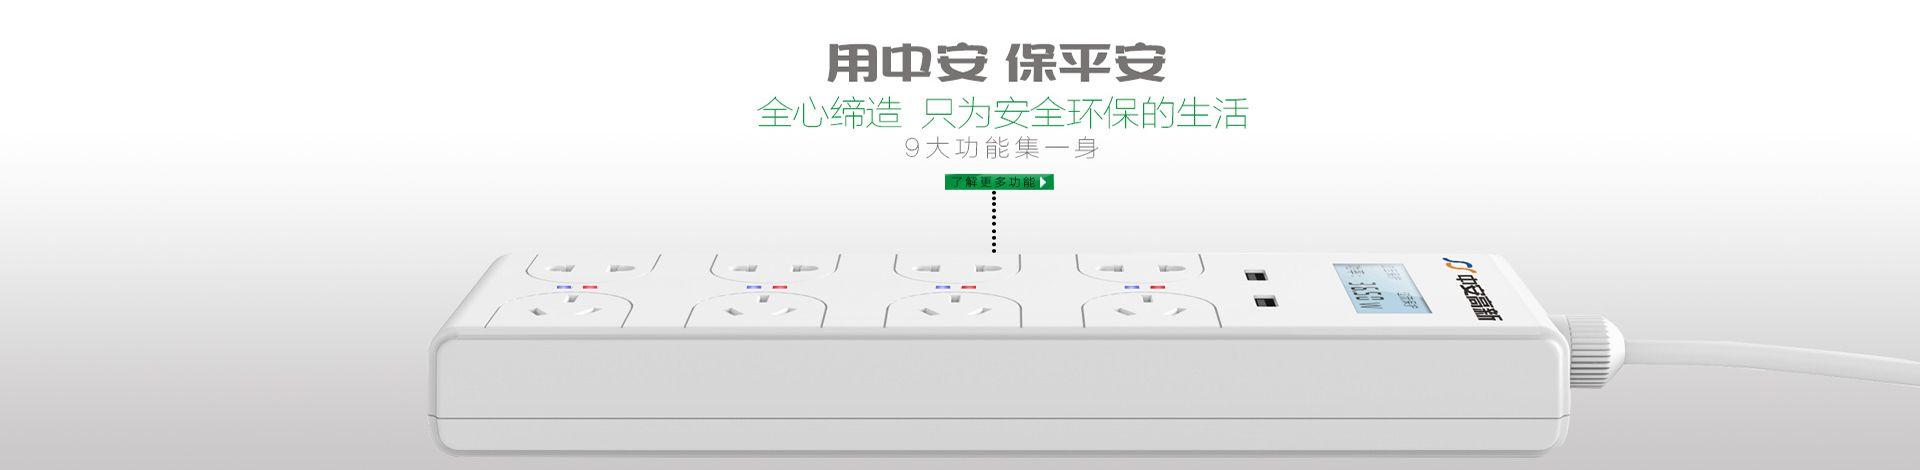 广州中安电工高新科技股份有限公司